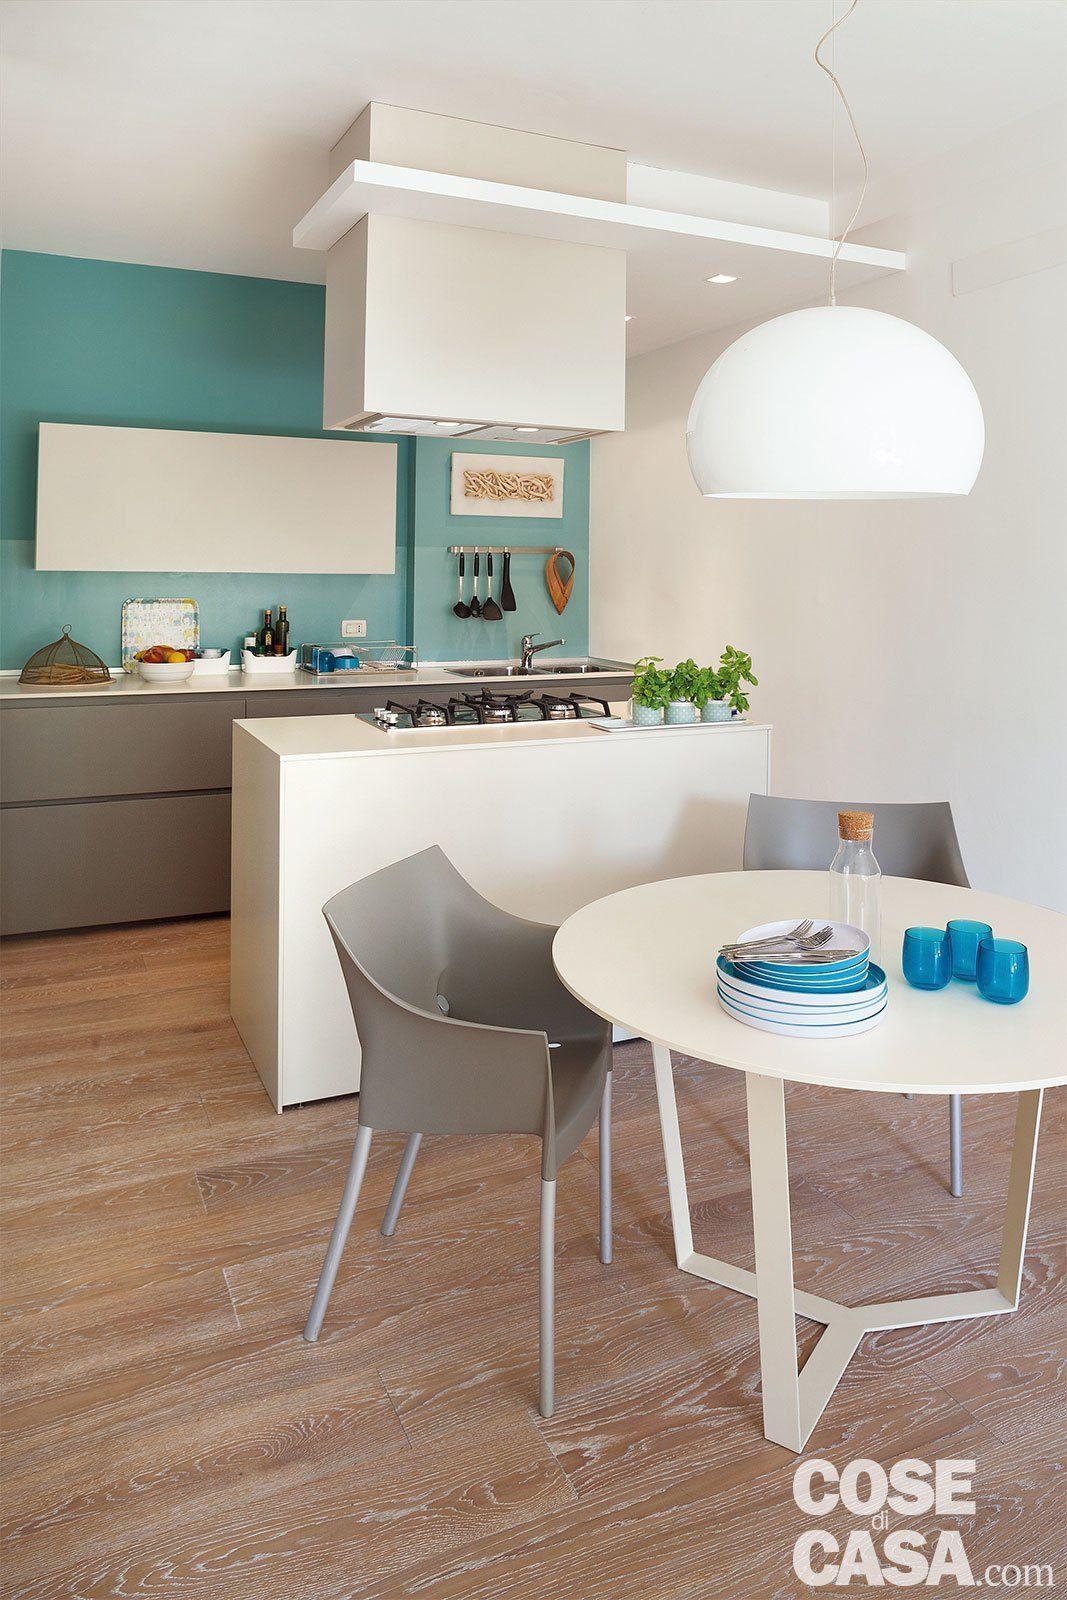 Photo of Nella casa al mare, tutti i comfort di un appartamento cittadino: in una metratu…